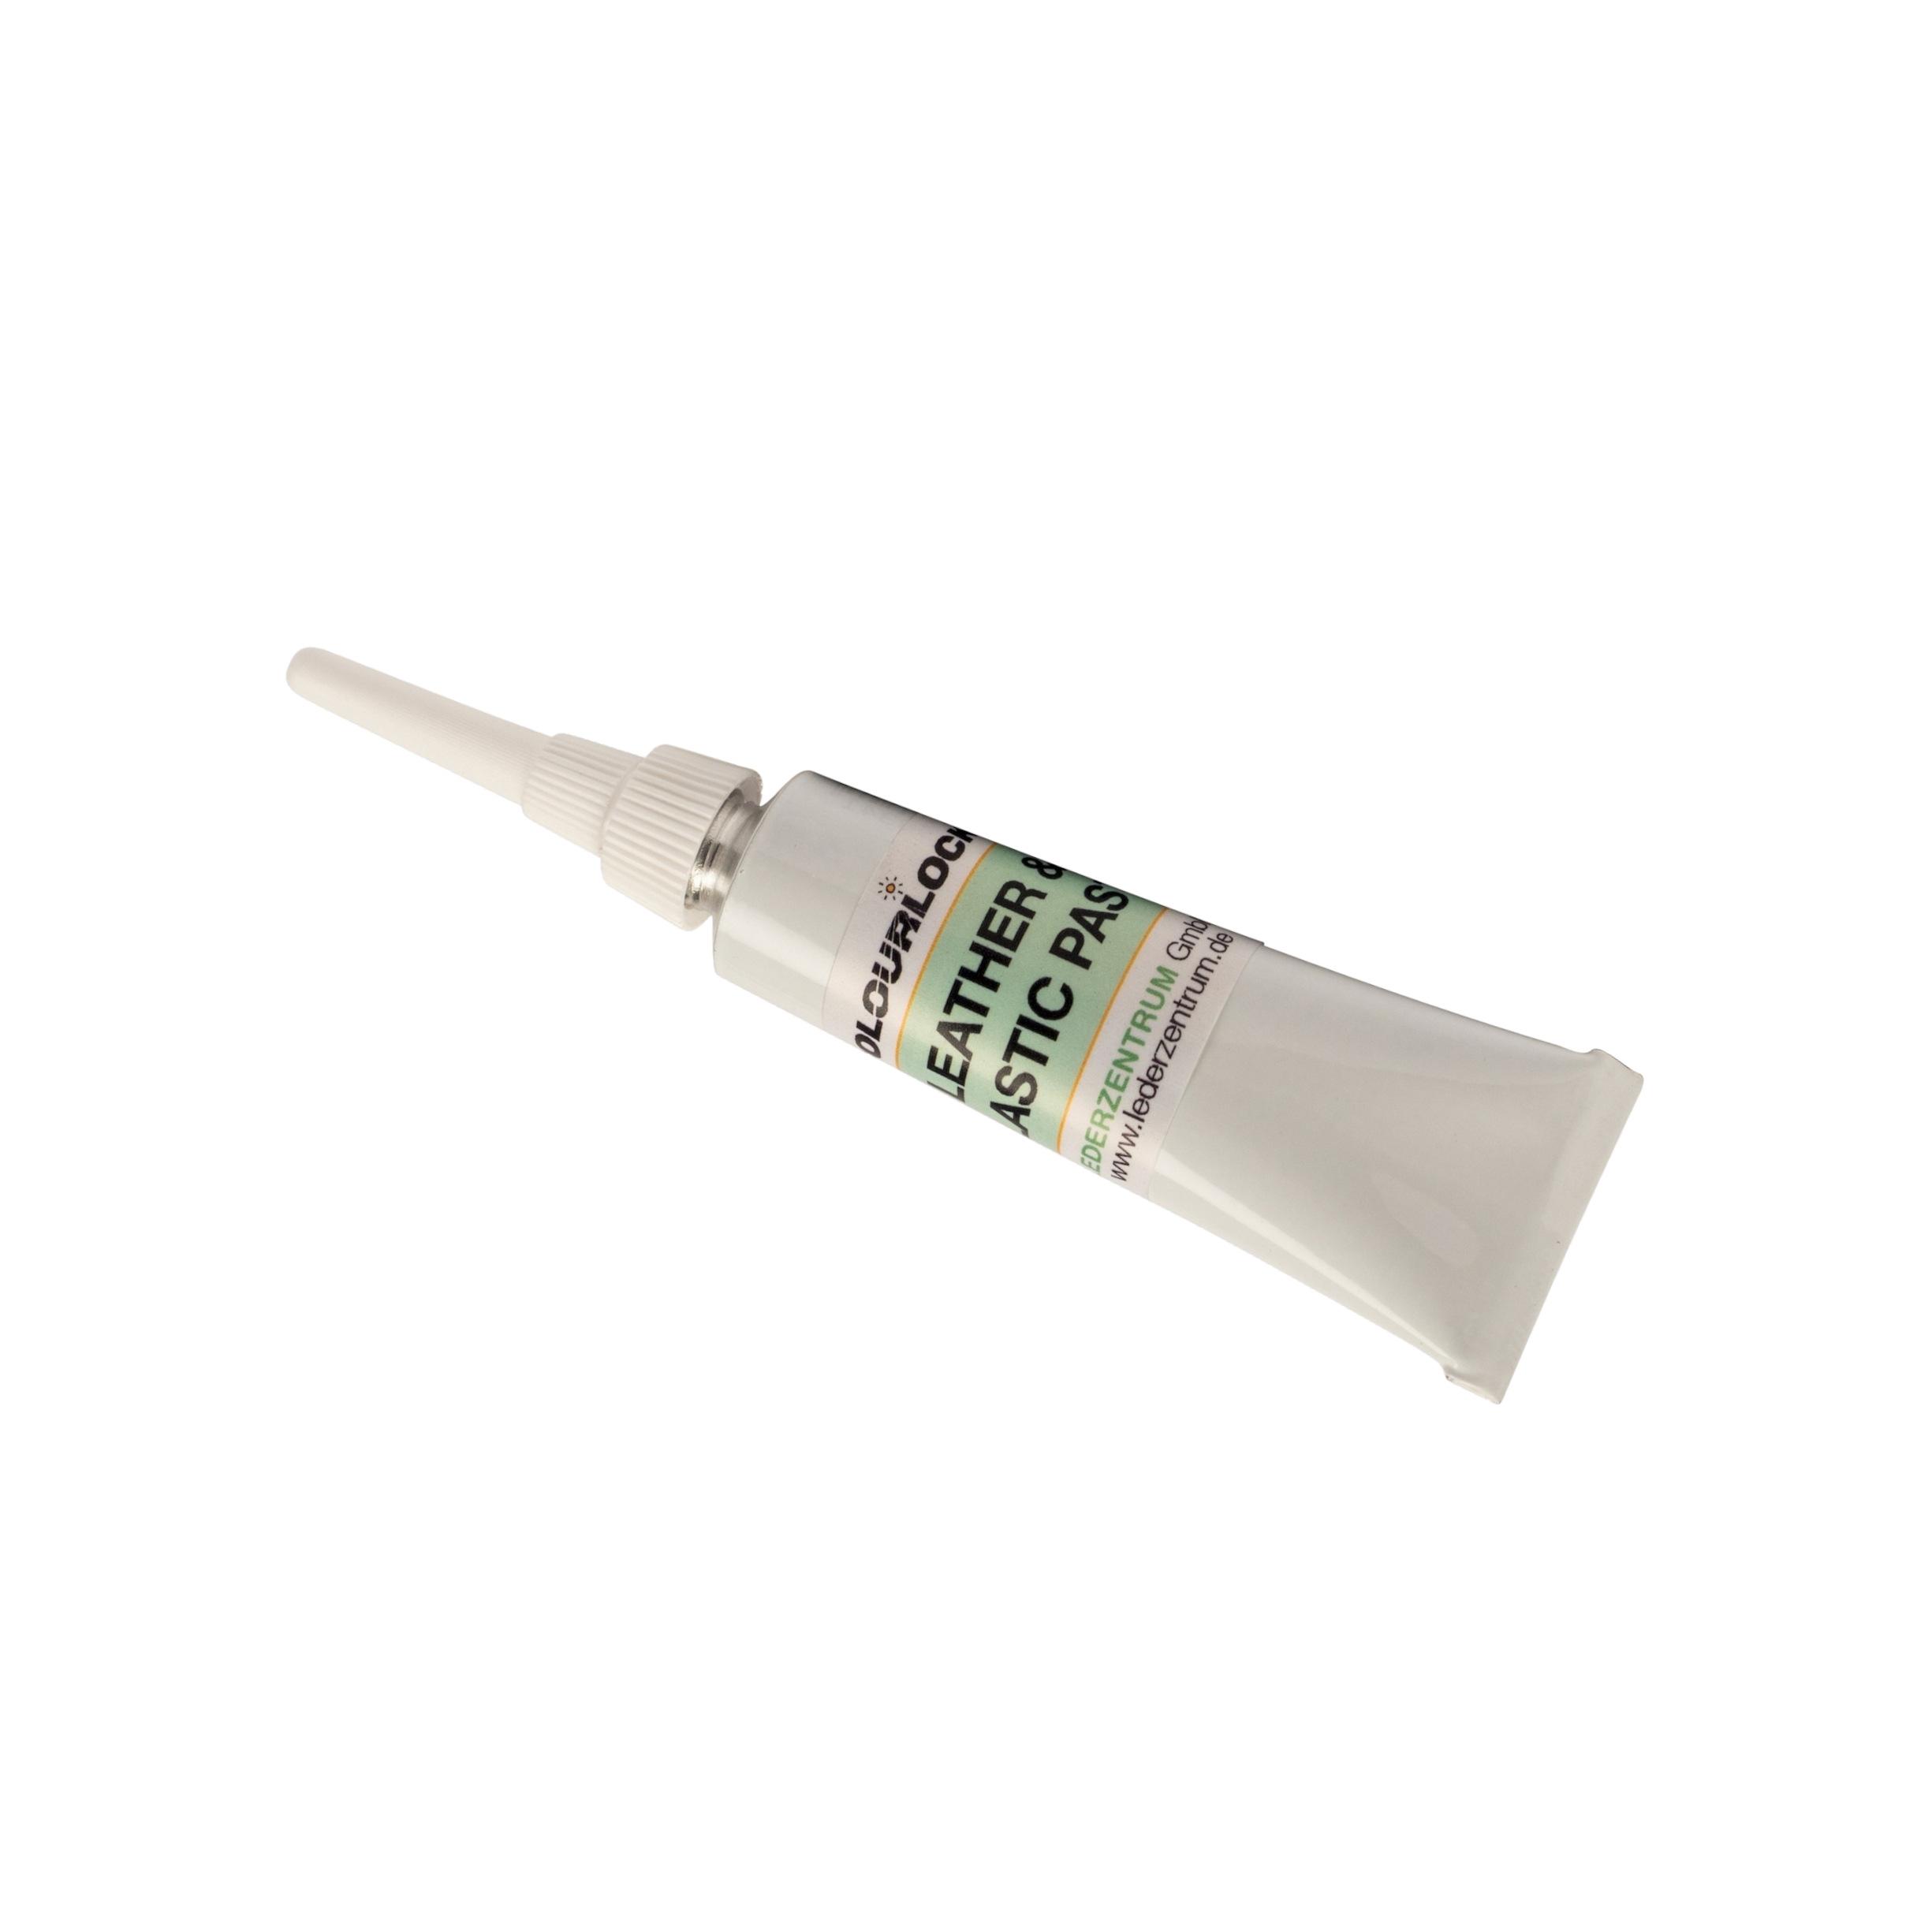 Plastic Paste Colourlock środek do wypełniania ubytków w skórach i tworzywach sztucznych